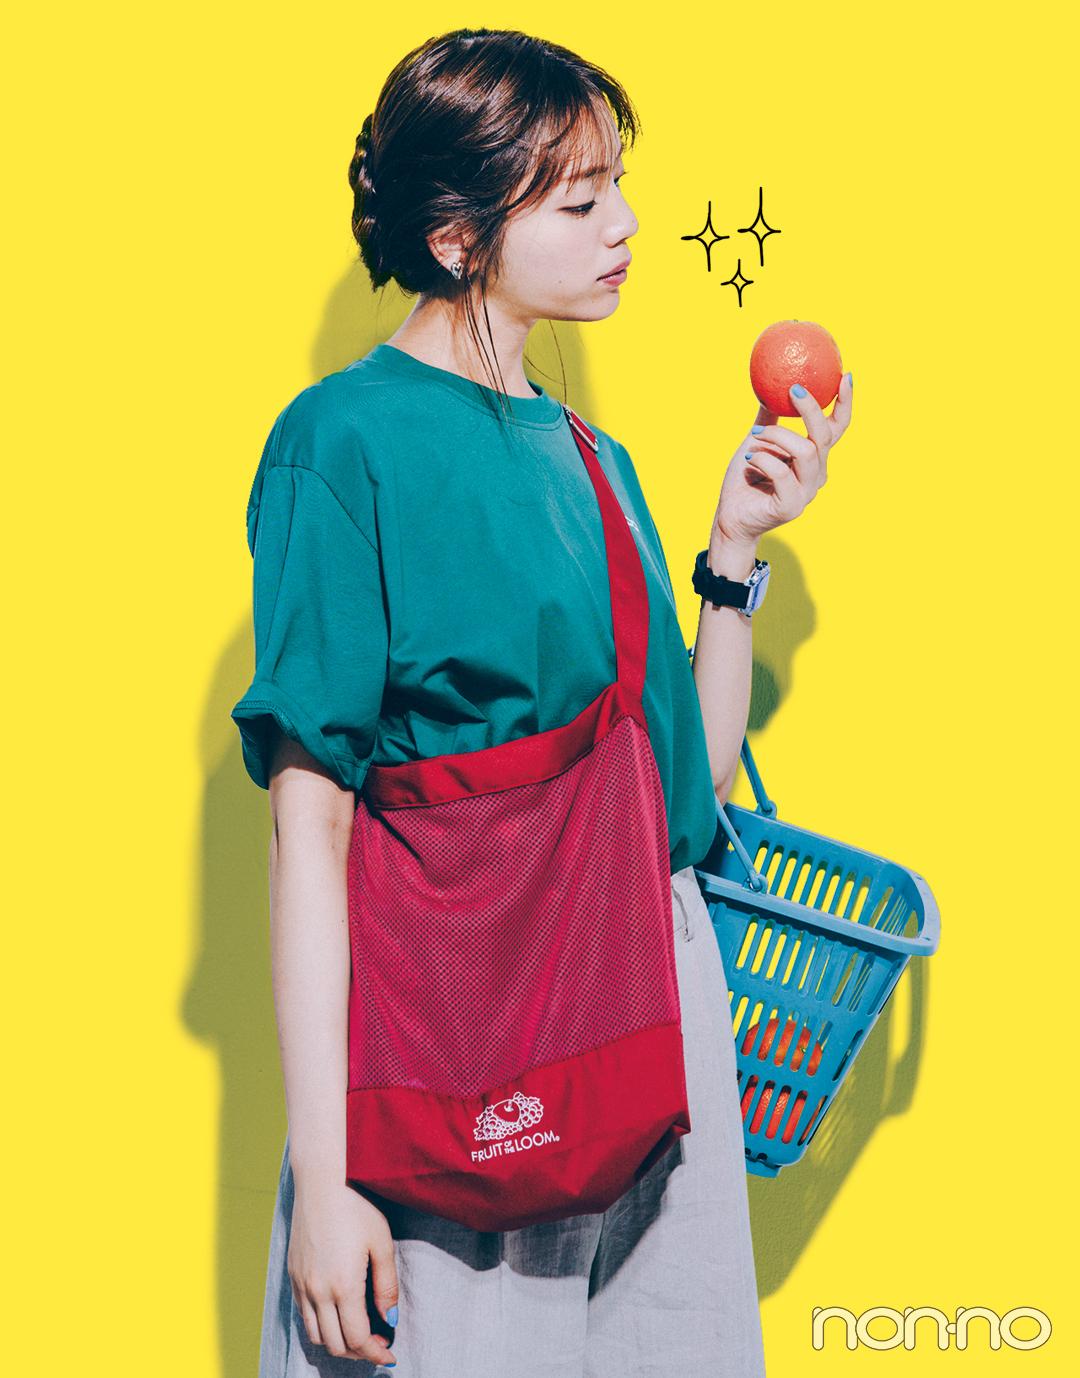 両手が使いやすい「ハンズフリー」なバッグで出かけよう【ファッションはもっとフリーになる】_1_10